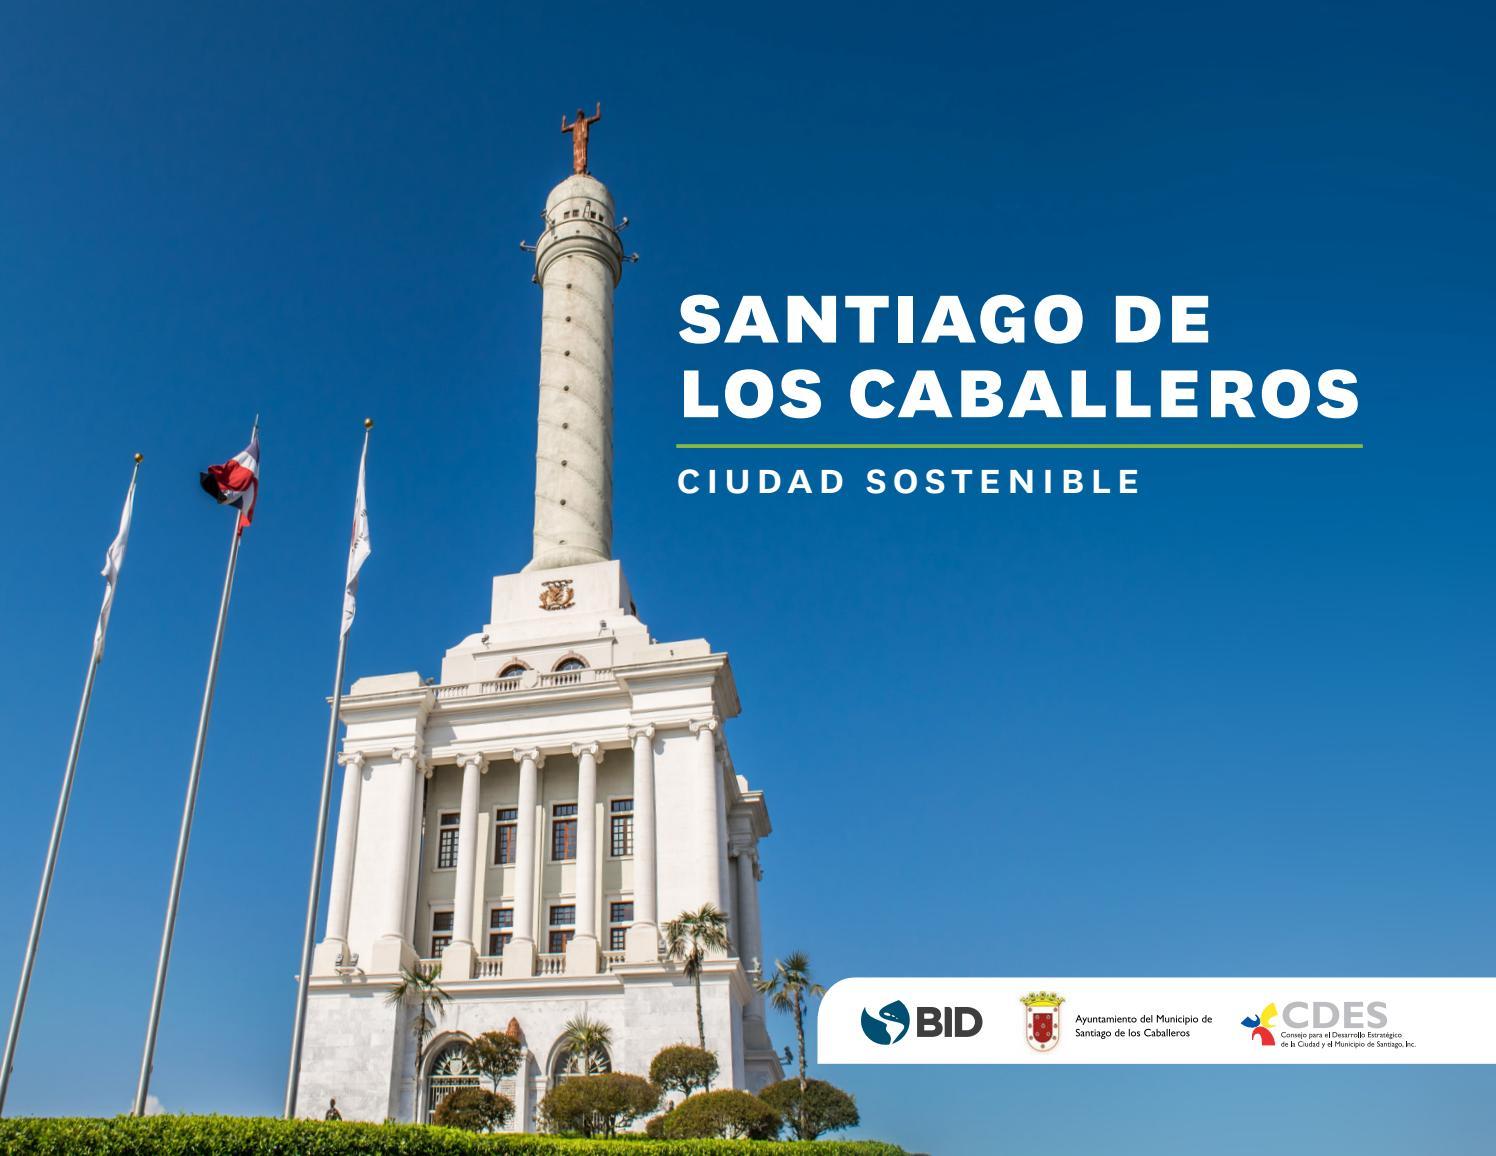 1679a3b0e83e Santiago de los Caballeros  ciudad sostenible by BID - Ciudades Sostenibles  - issuu